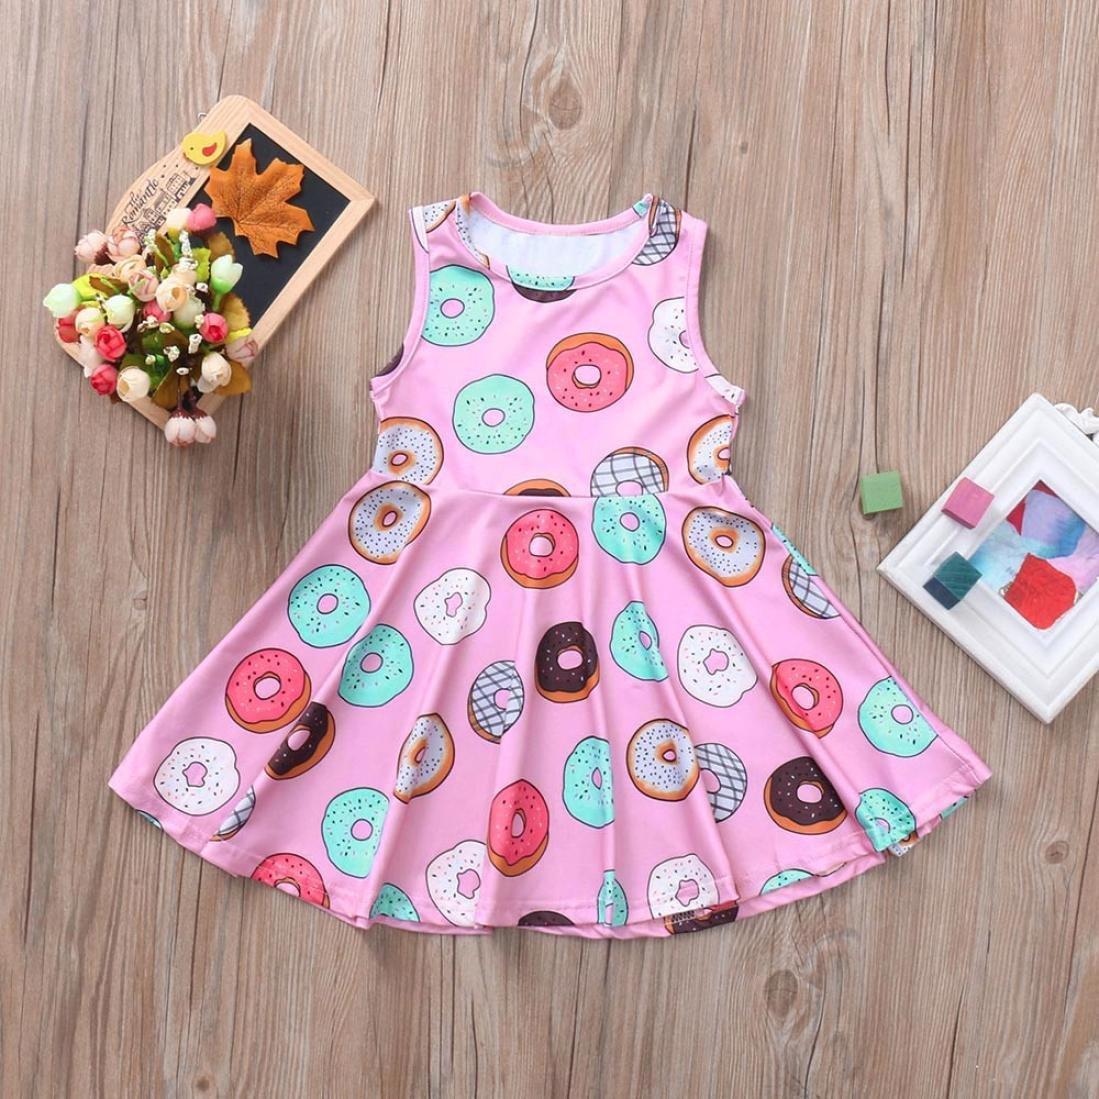 KaiCranLittle Girls Cotton Dress Sleeveless Cartoon Pattern Comfortable Dress Clothes Outfits